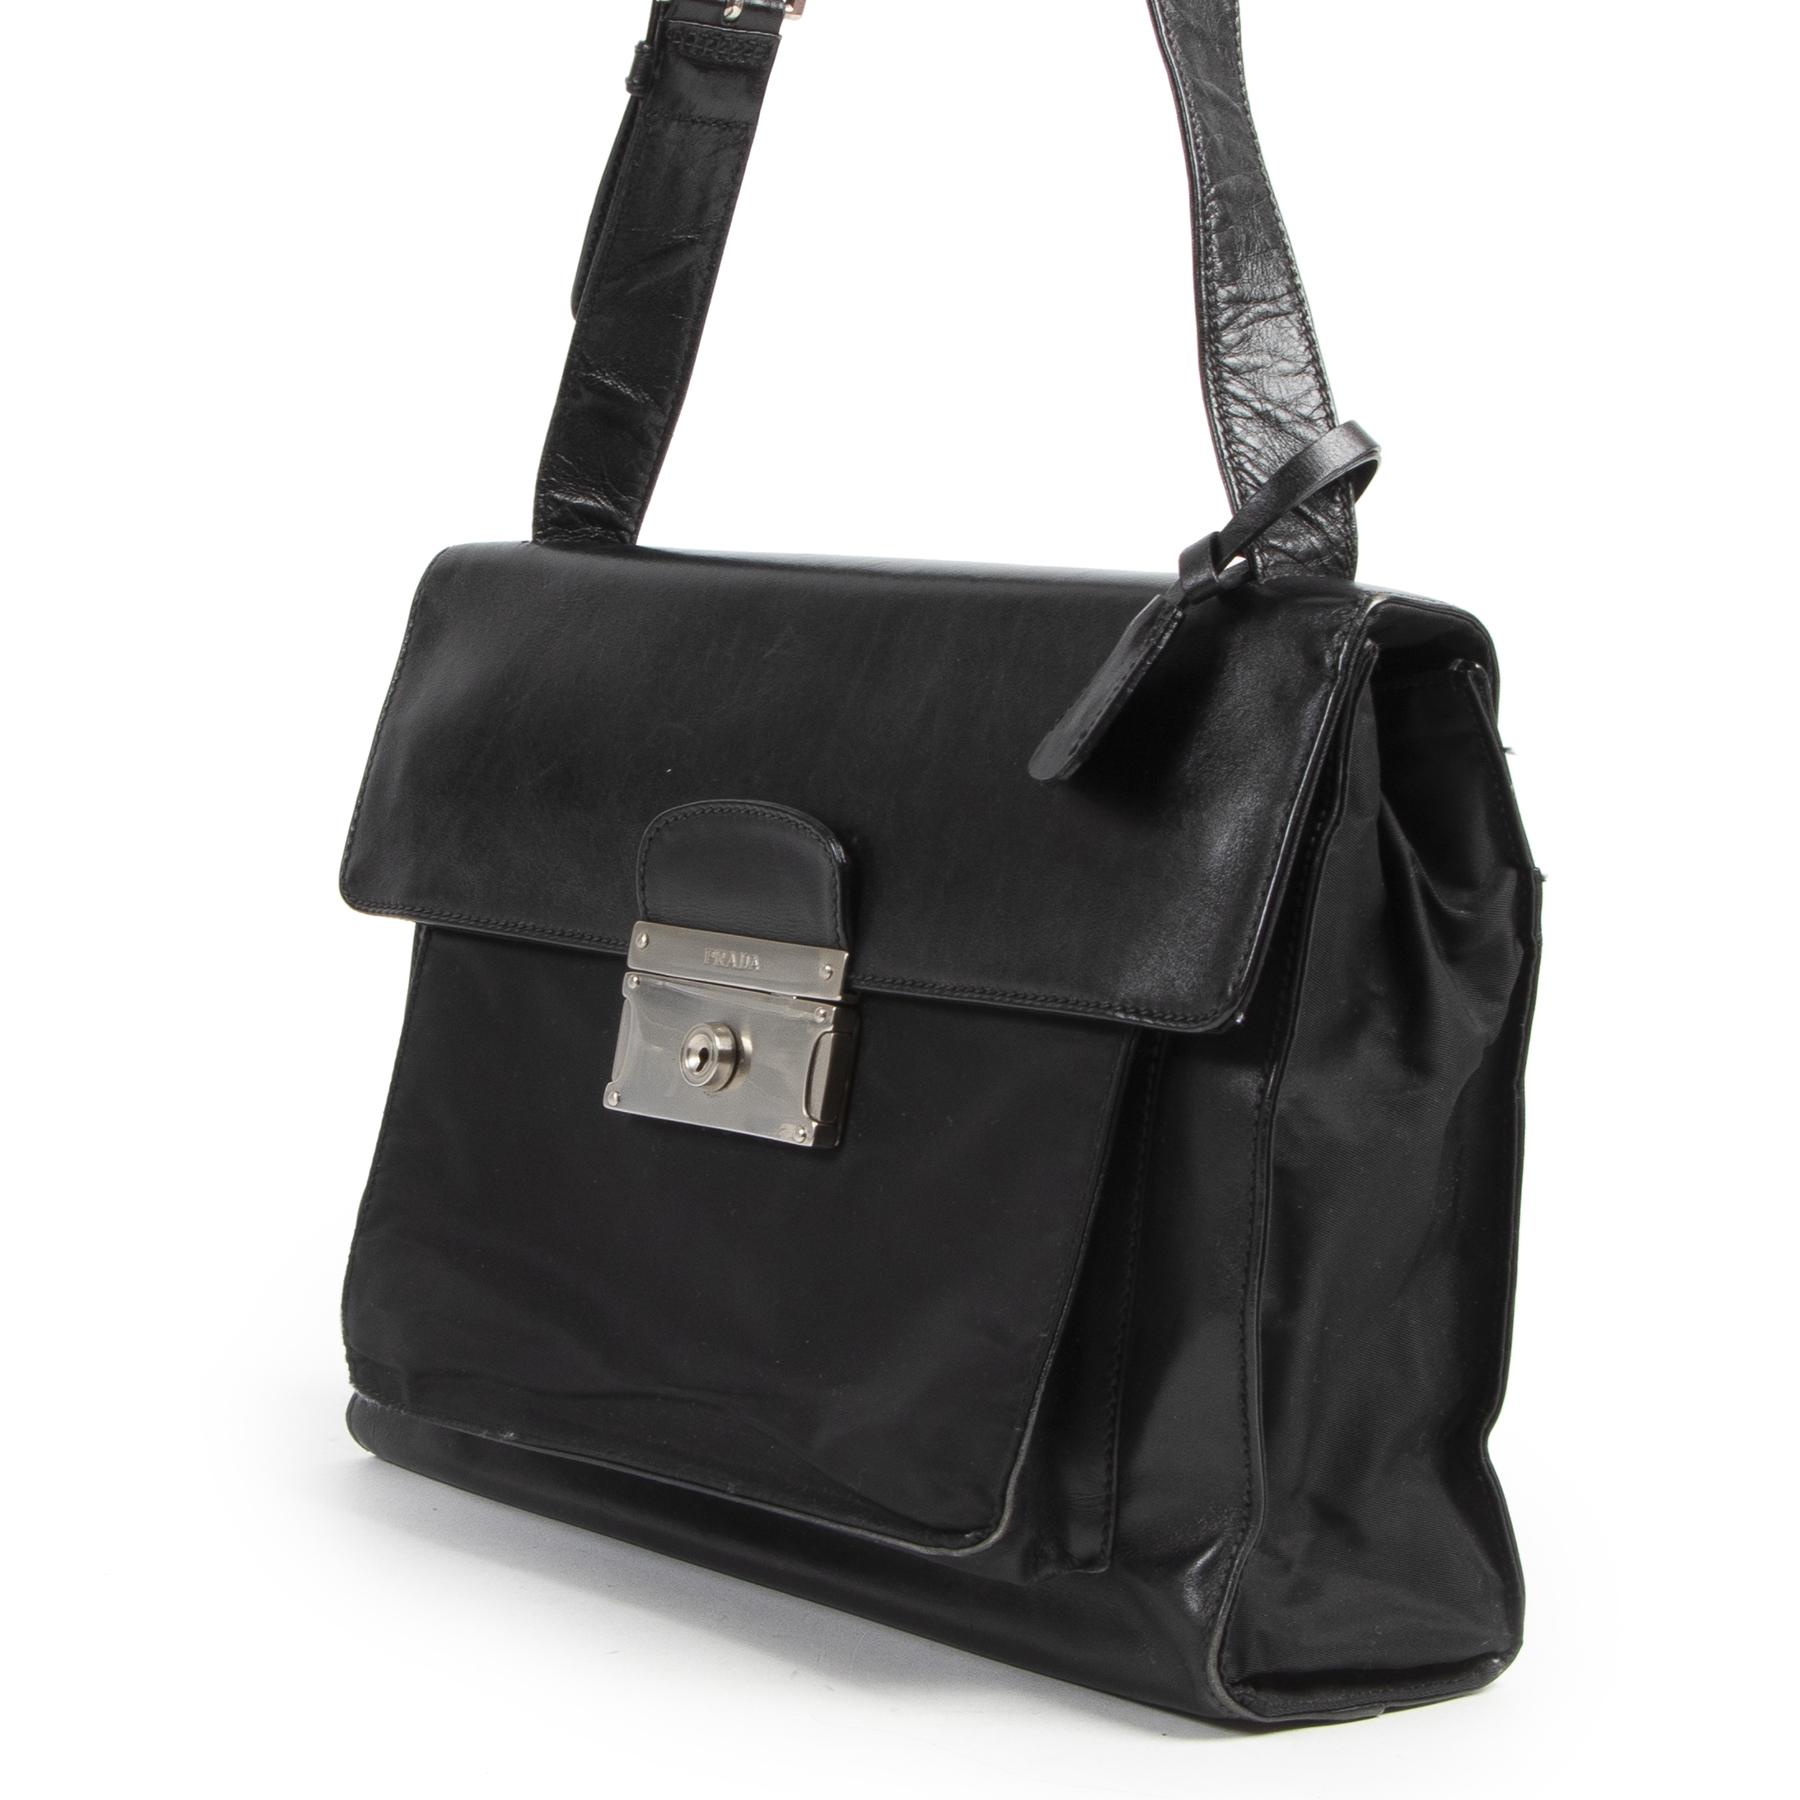 Authentieke Tweedehands Prada Black Leather and Nylon Shoulder Bag juiste prijs veilig online shoppen luxe merken webshop winkelen Antwerpen België mode fashion